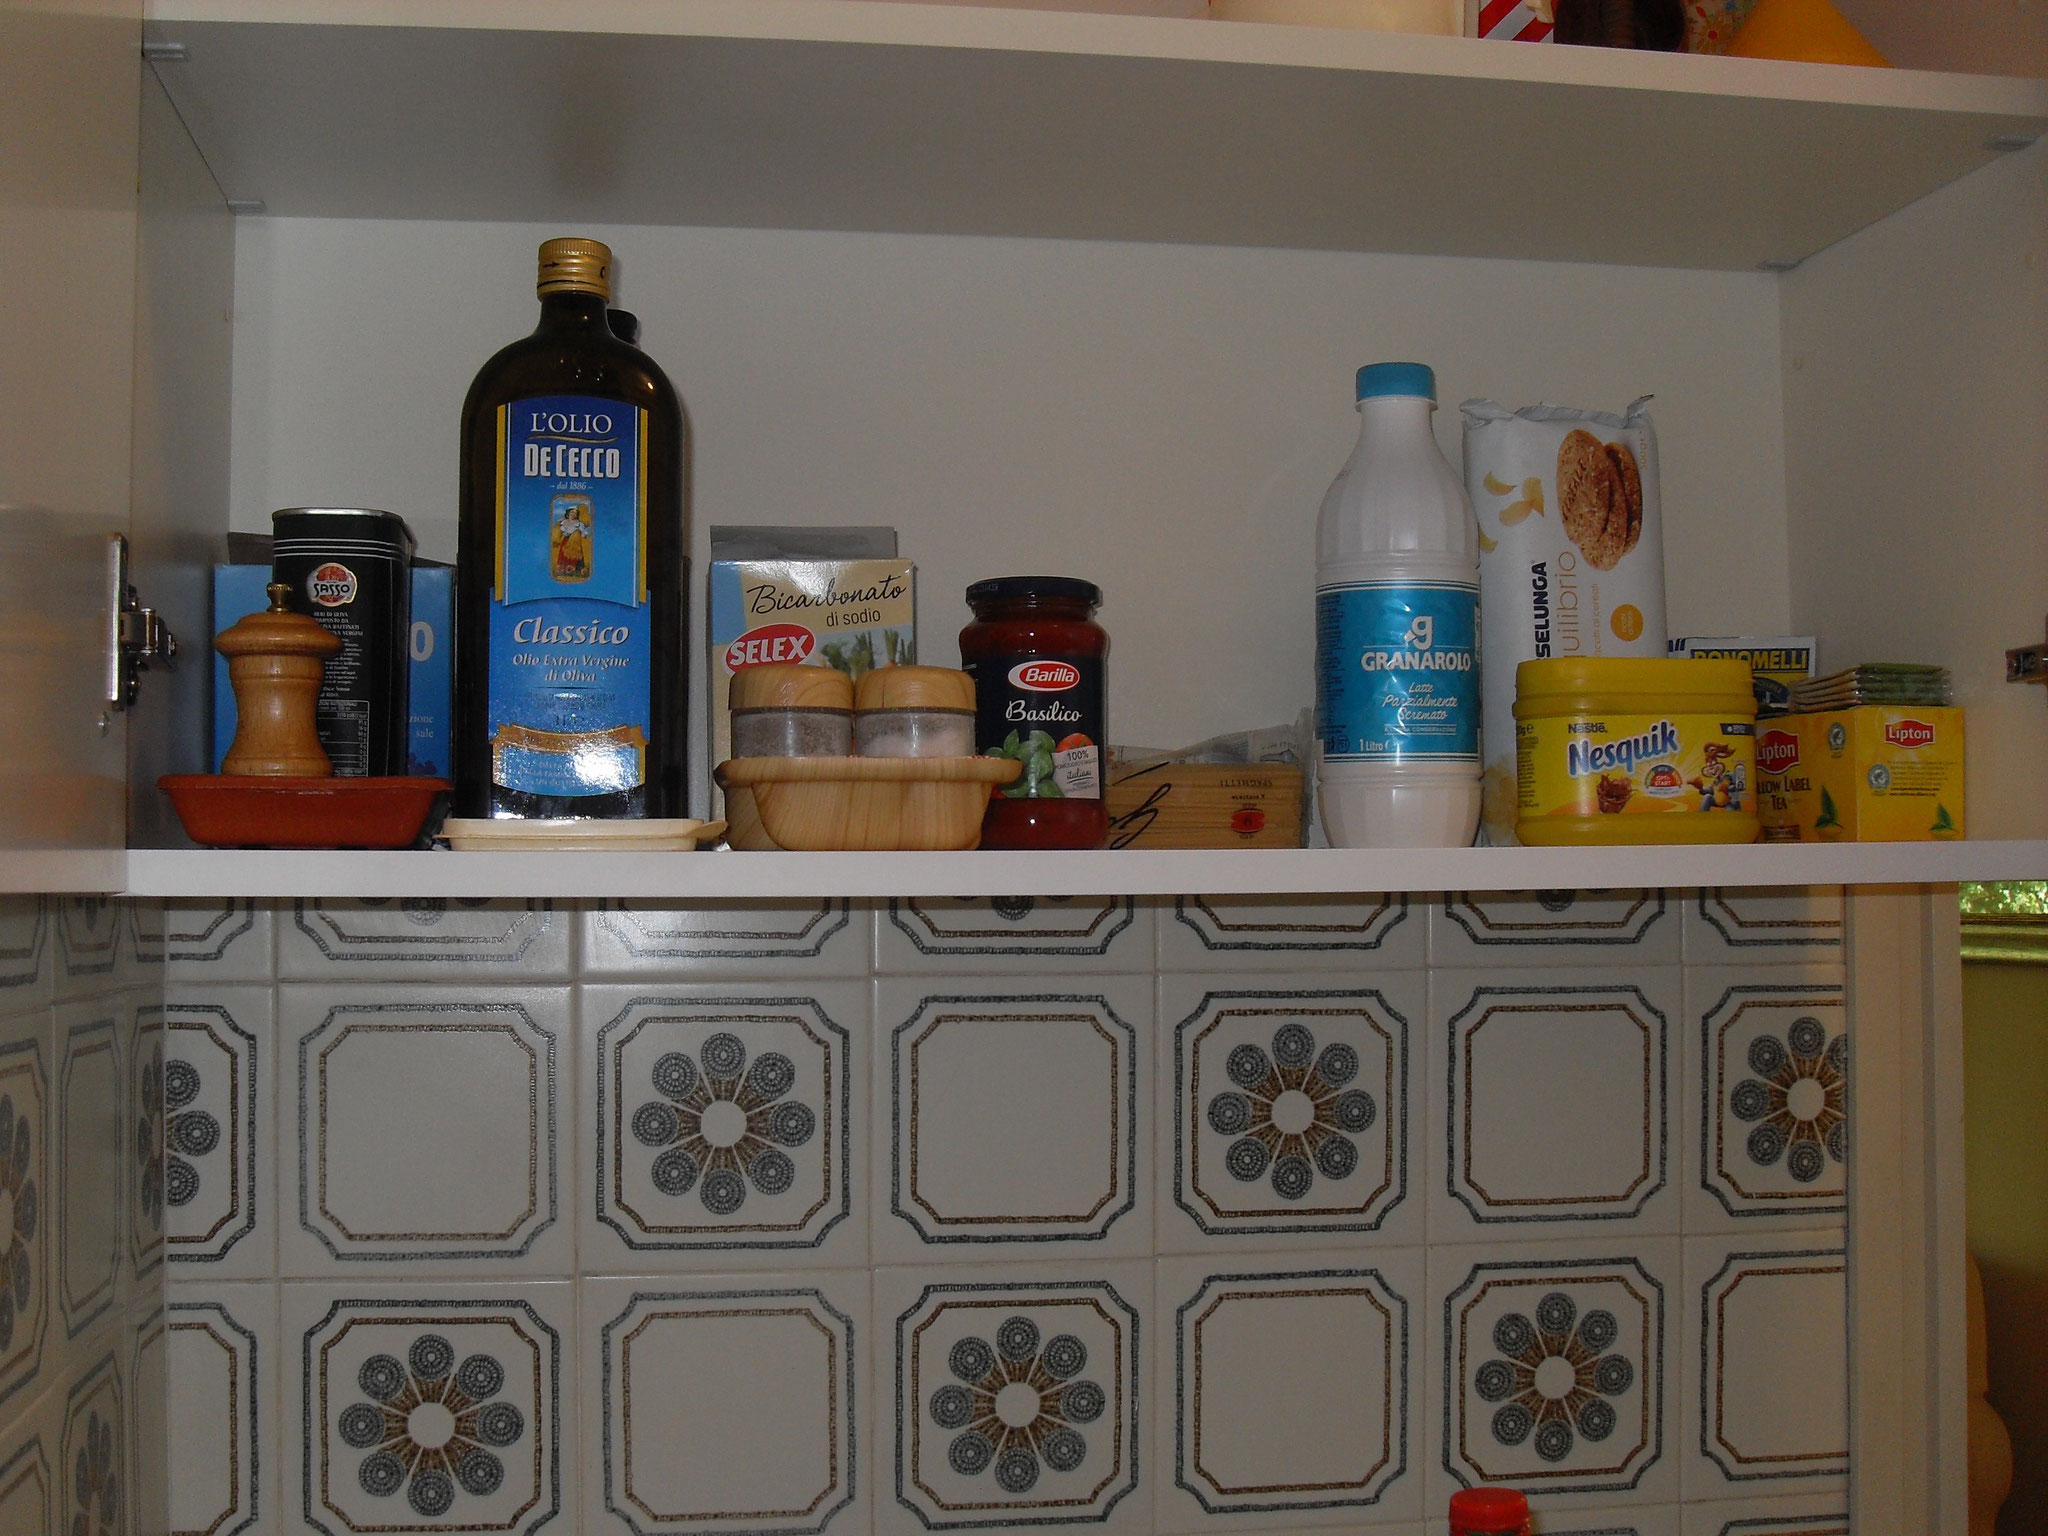 In der Küche stehen den Gästen zur Verfügung: natives Olivenöl extra, Essig, grobes Salz, feines Salz. Zucker, Kaffee, Tee, Kamille, etc.